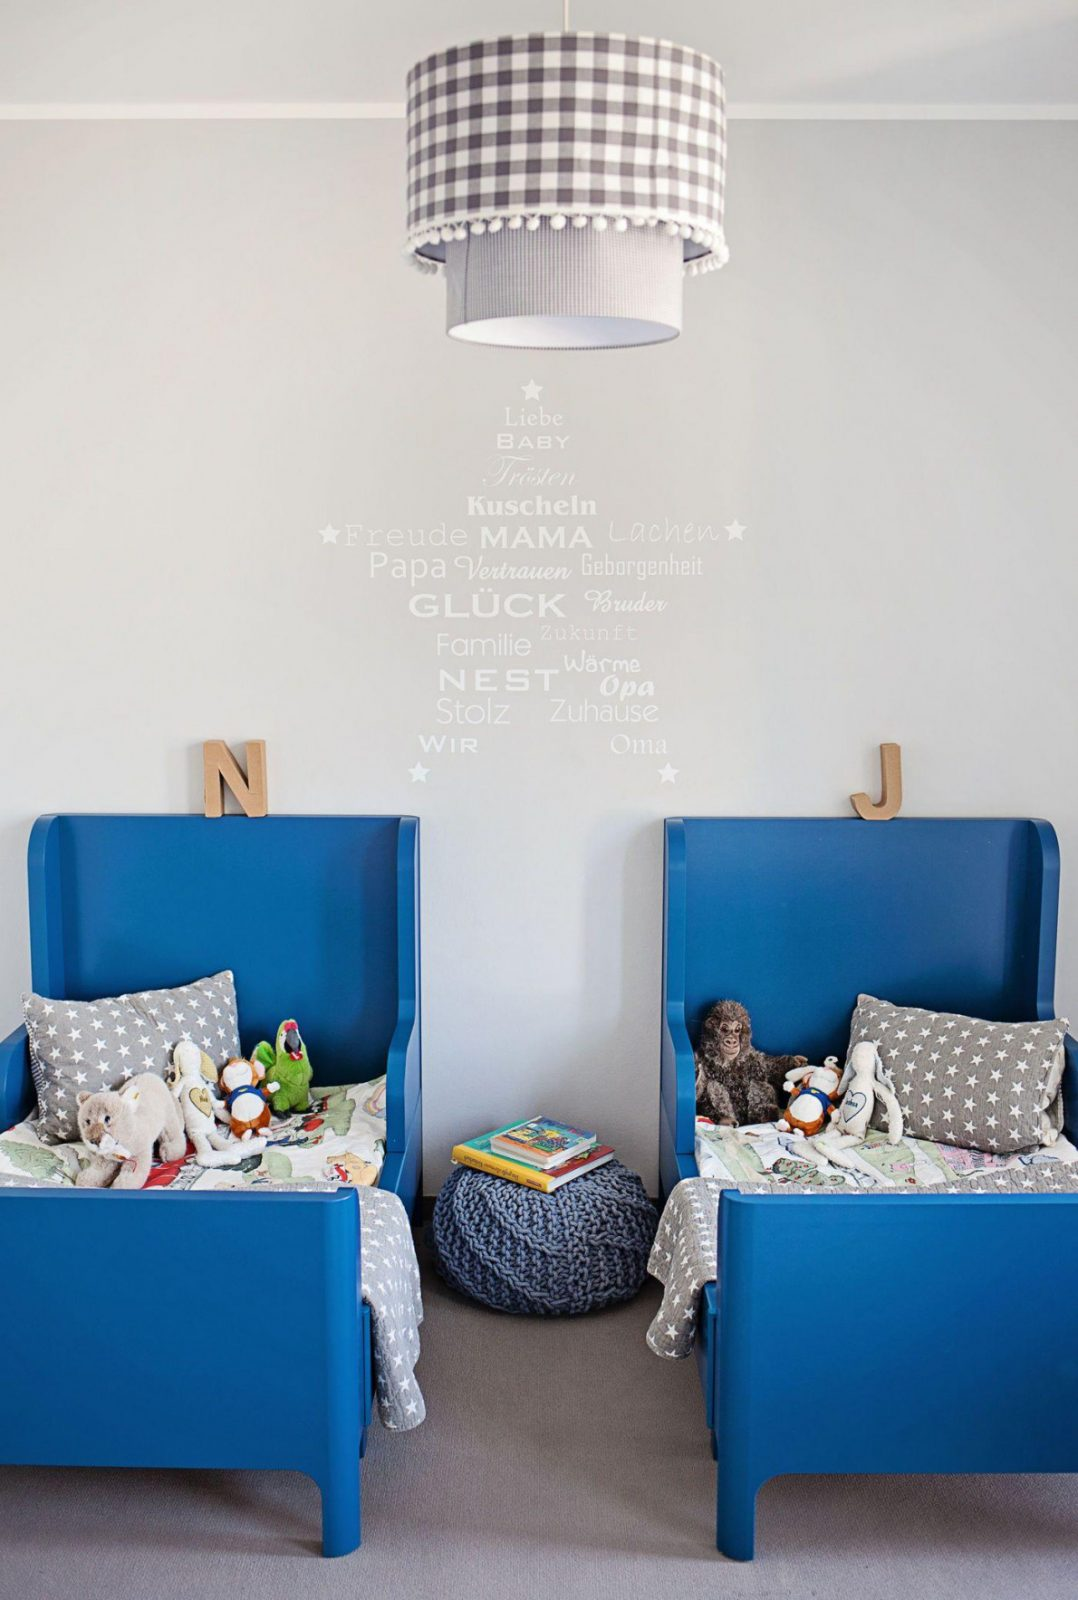 Kinderzimmer Wandgestaltung – Hauser Inspirieren Design von Babyzimmer Wände Gestalten Ideen Bild